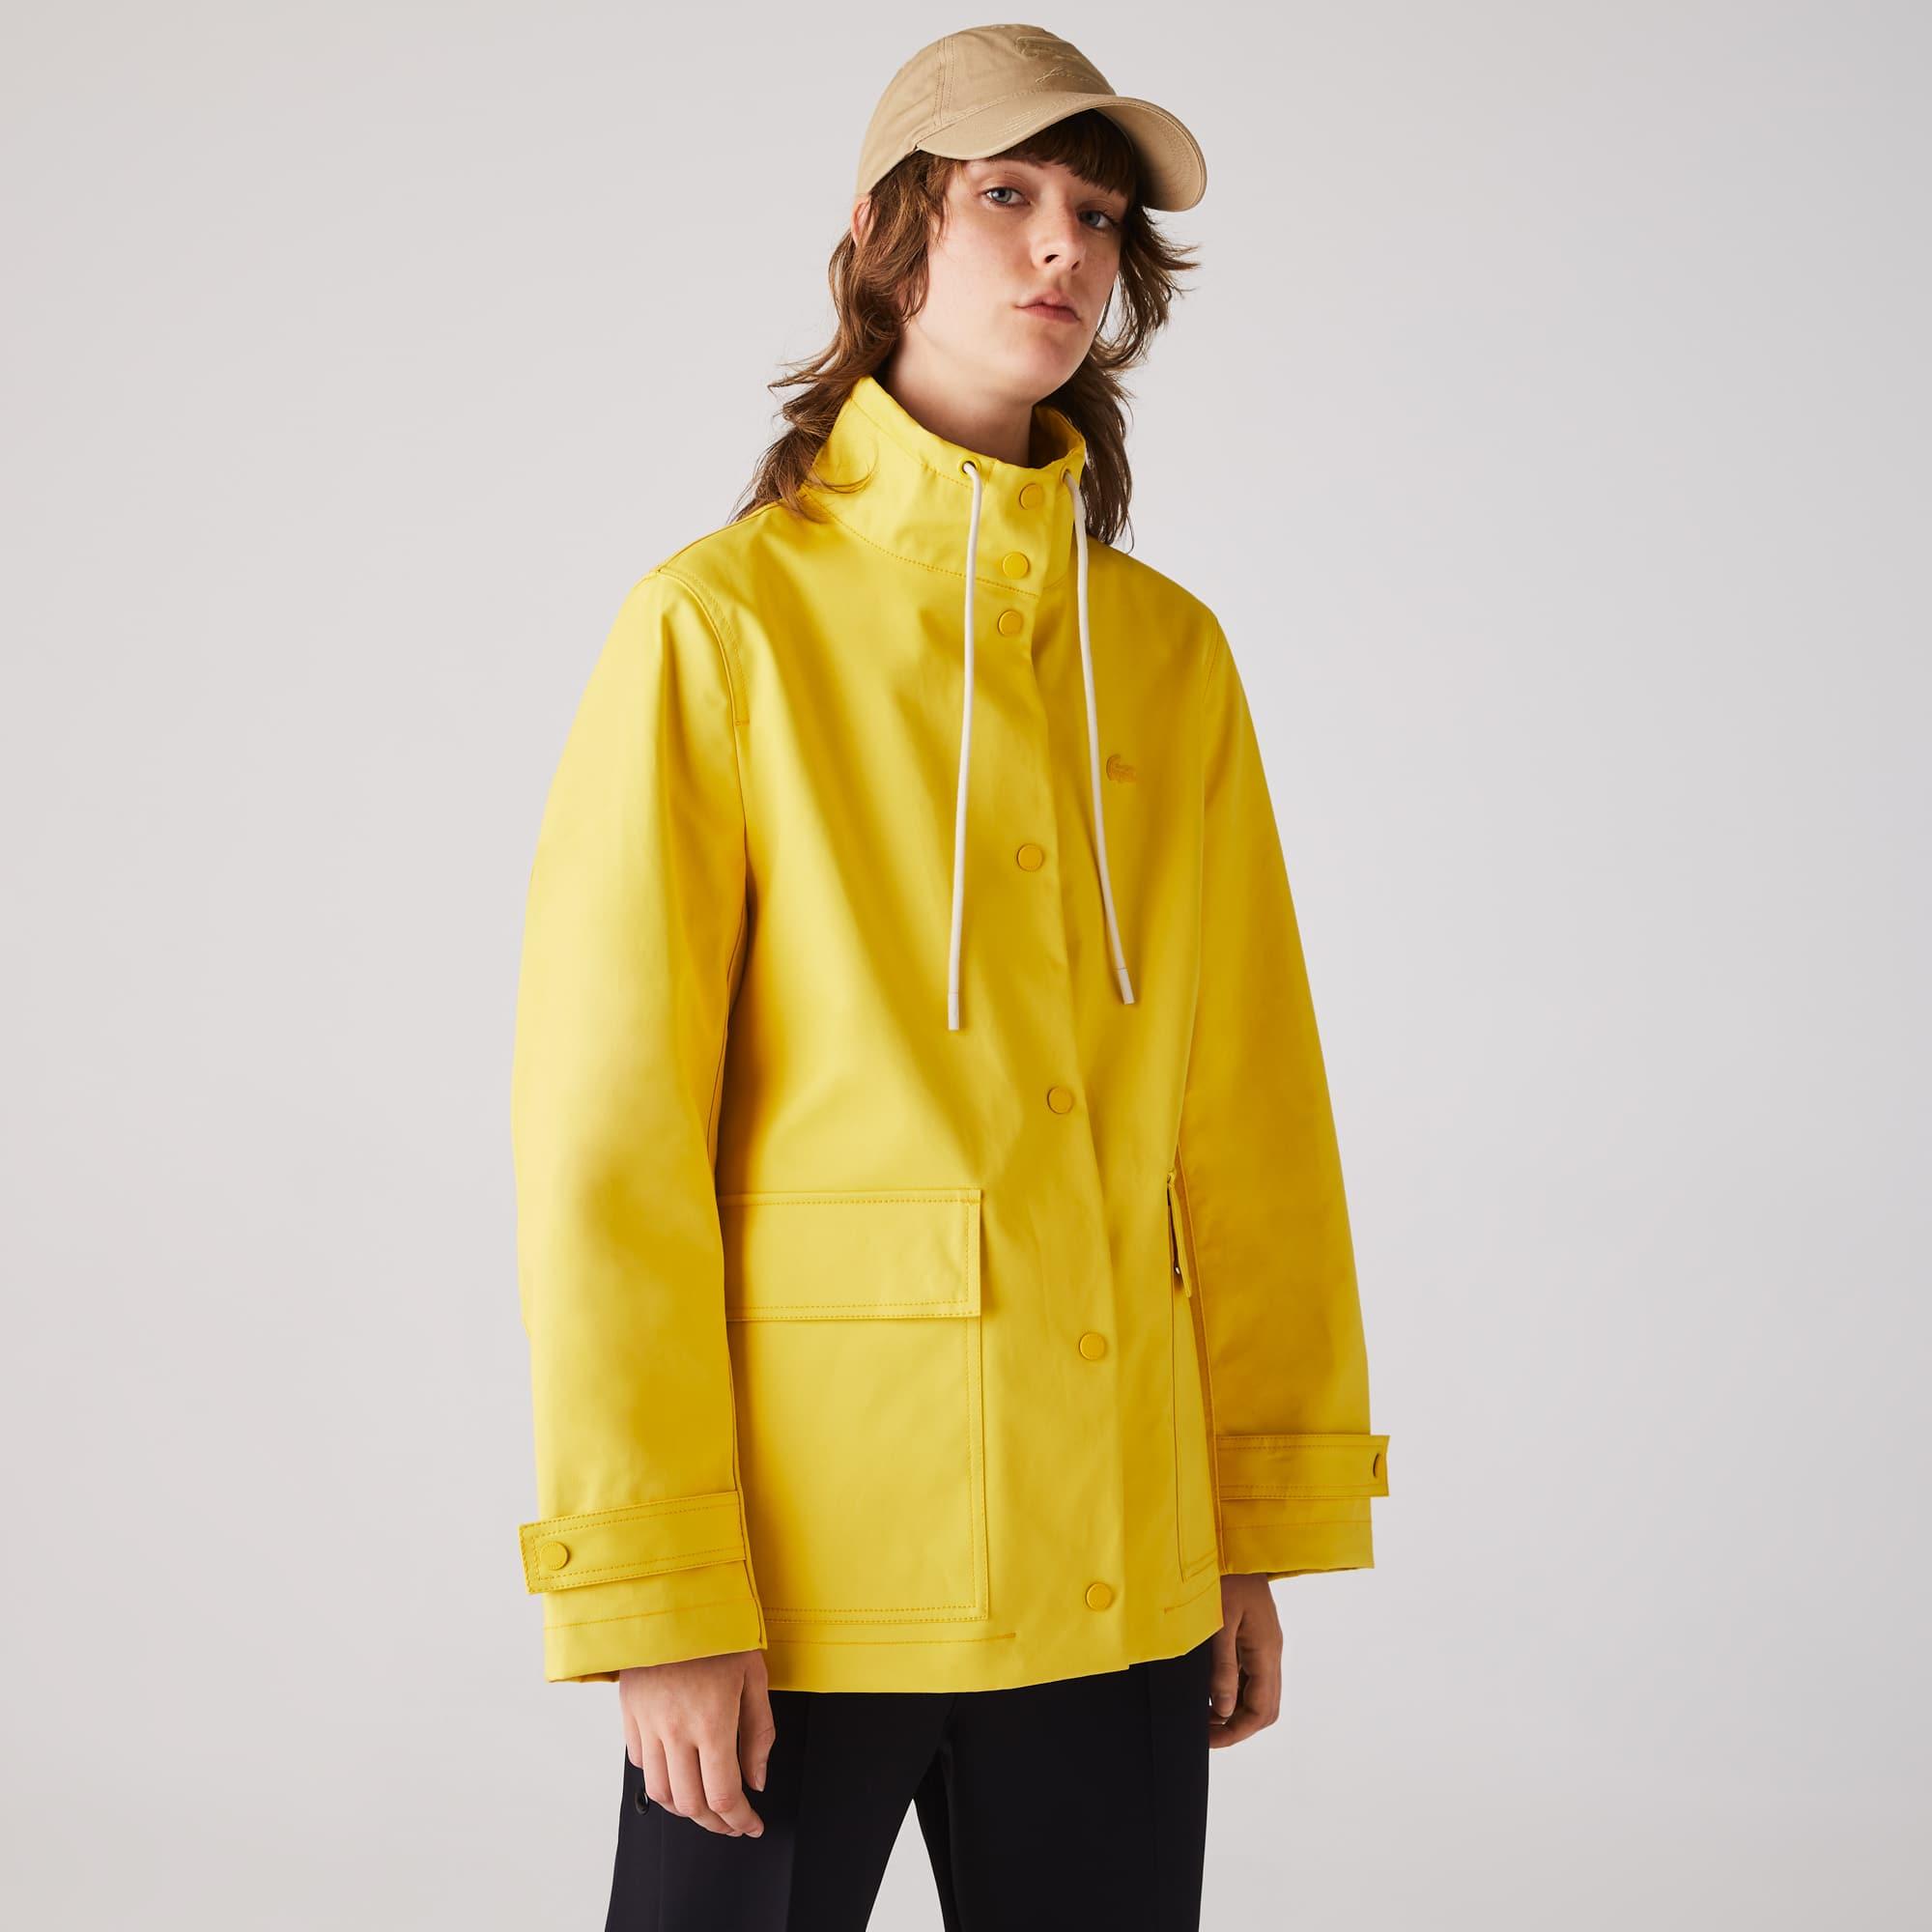 라코스테 우먼 파카 Lacoste Womens Stand-Up Collar Cotton Parka,Yellow / Beige